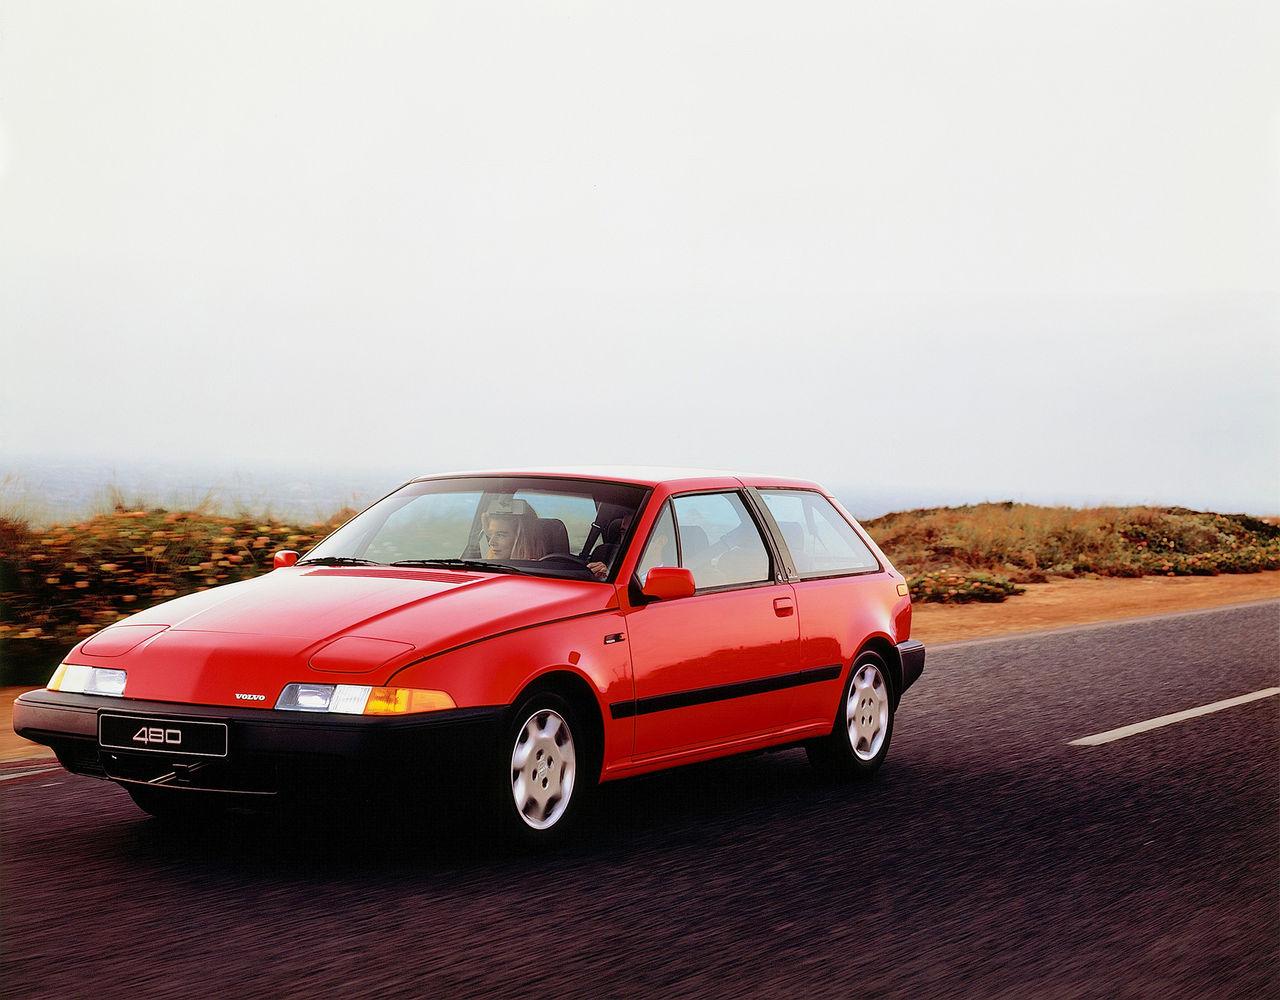 En av världens fulaste bilar fyller 30